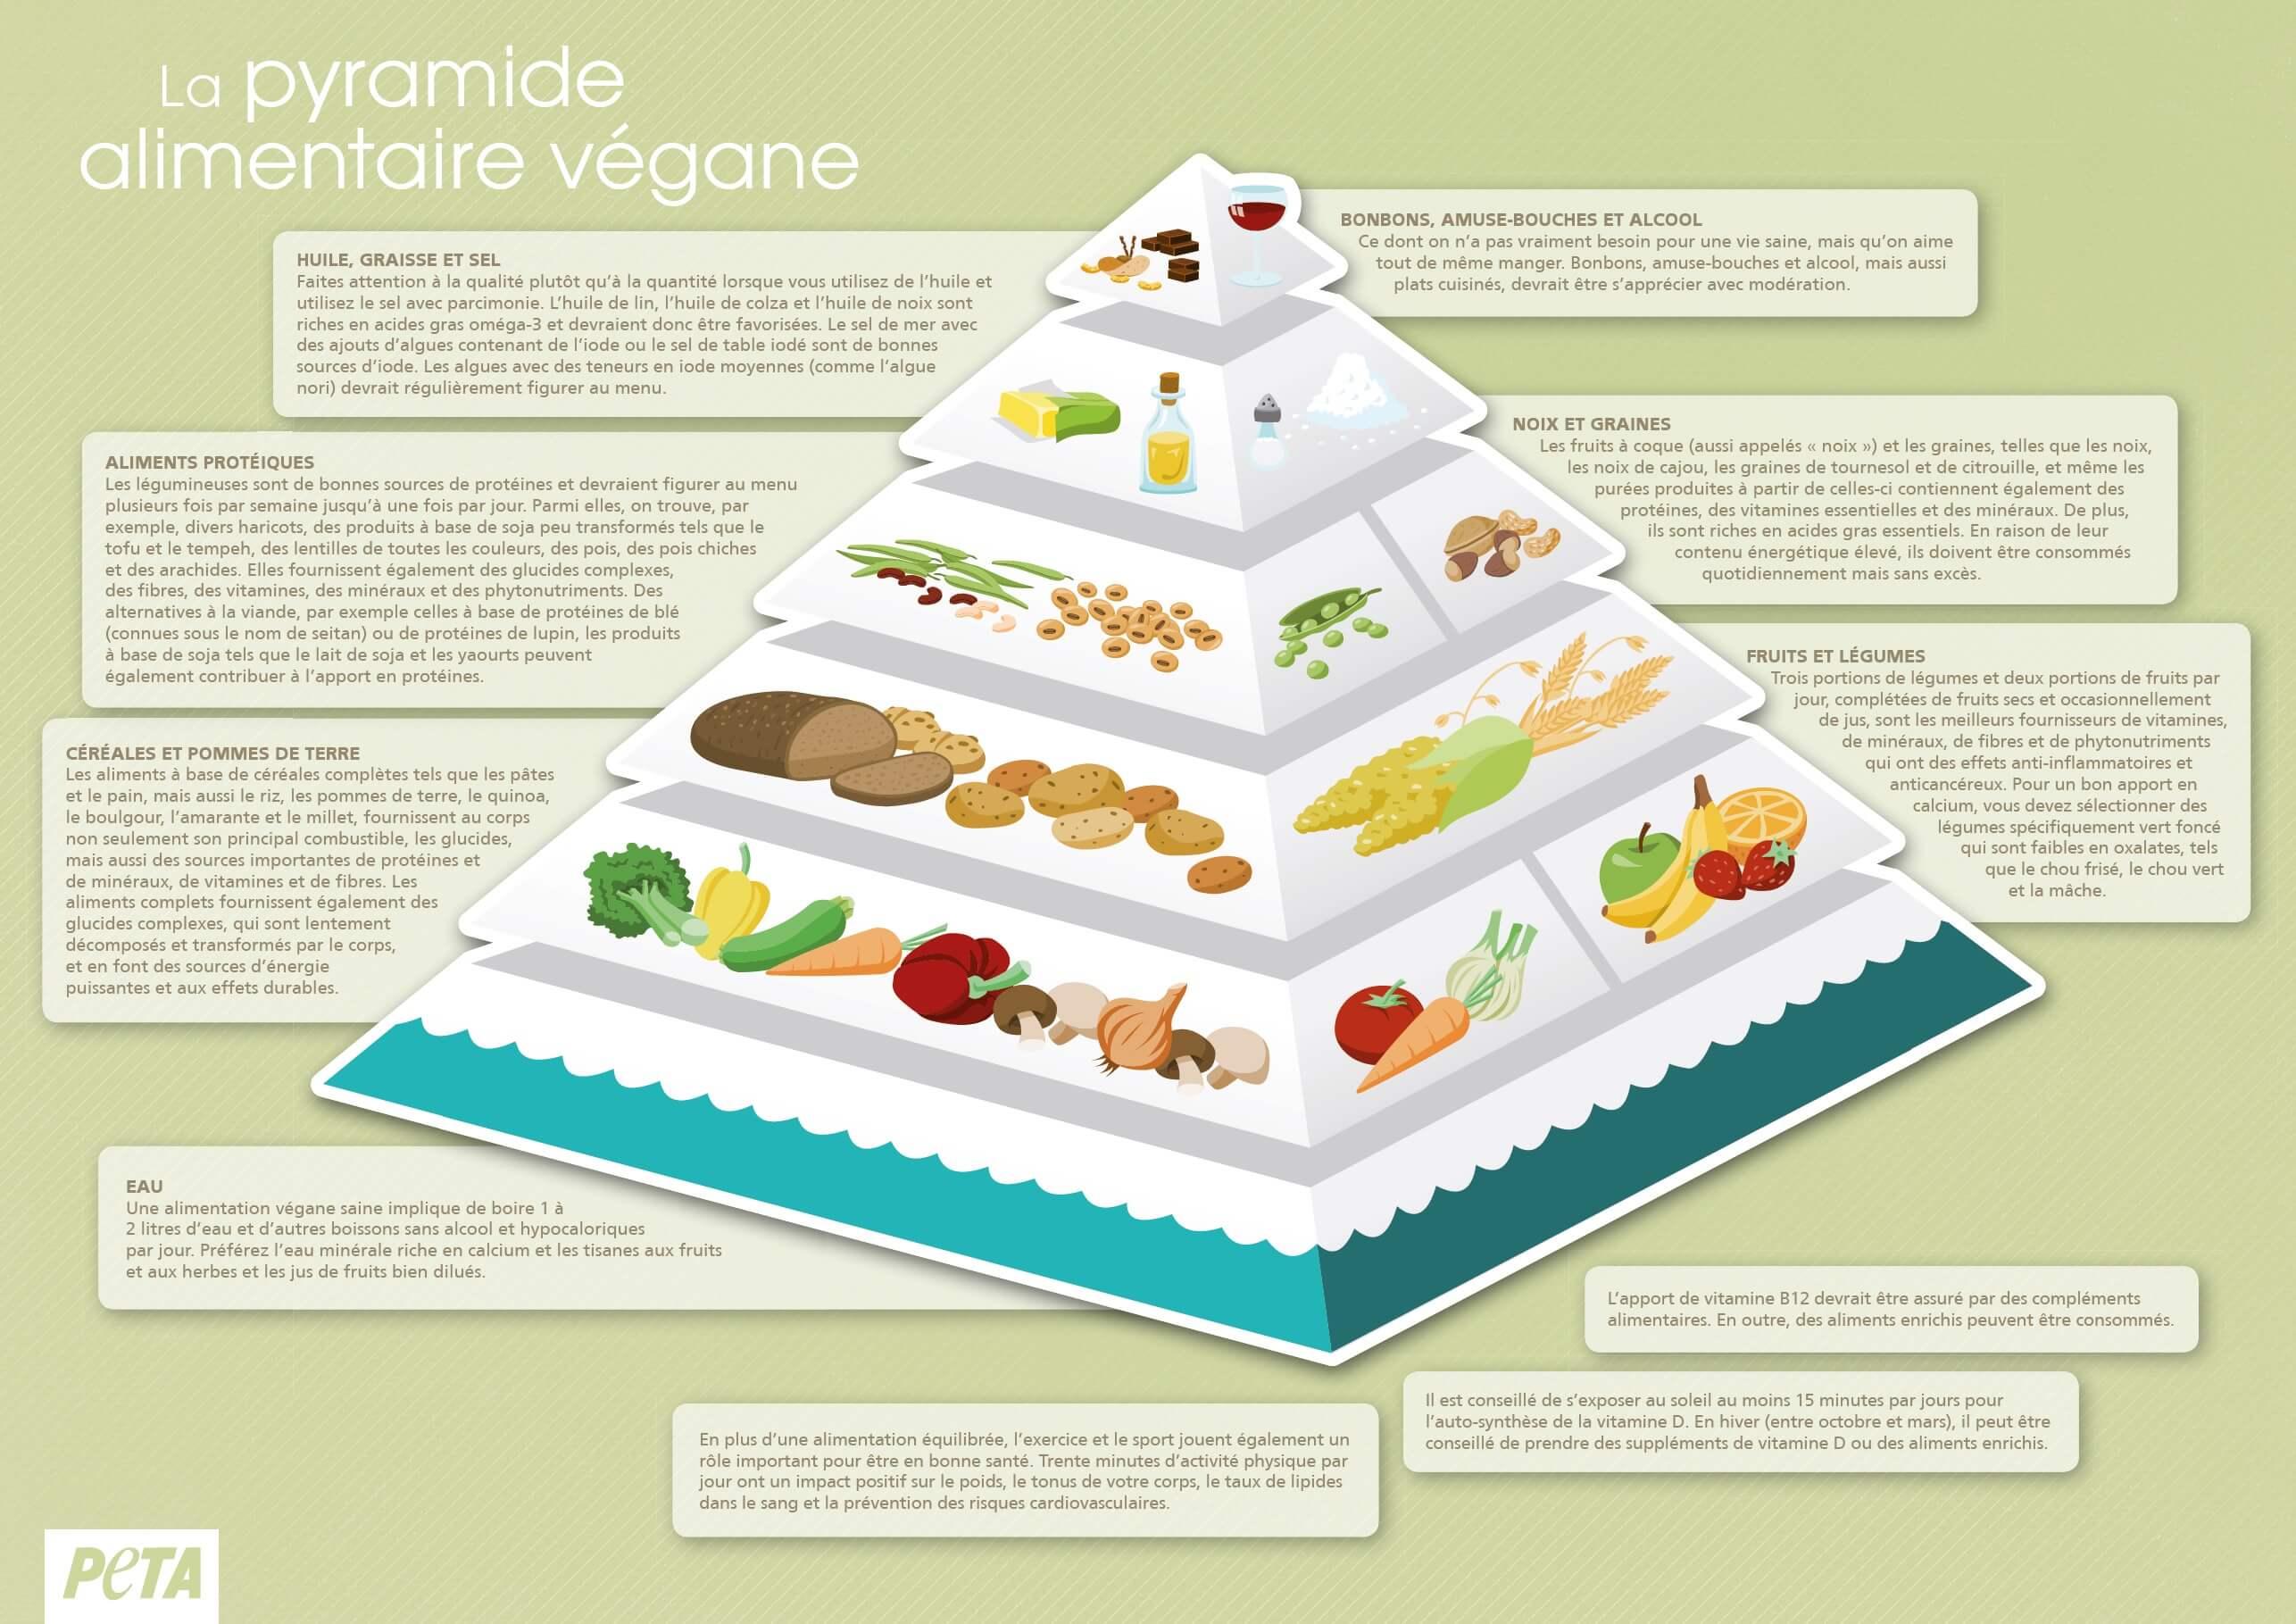 Soyez en bonne santé avec l'alimentation végane et savourez-la.